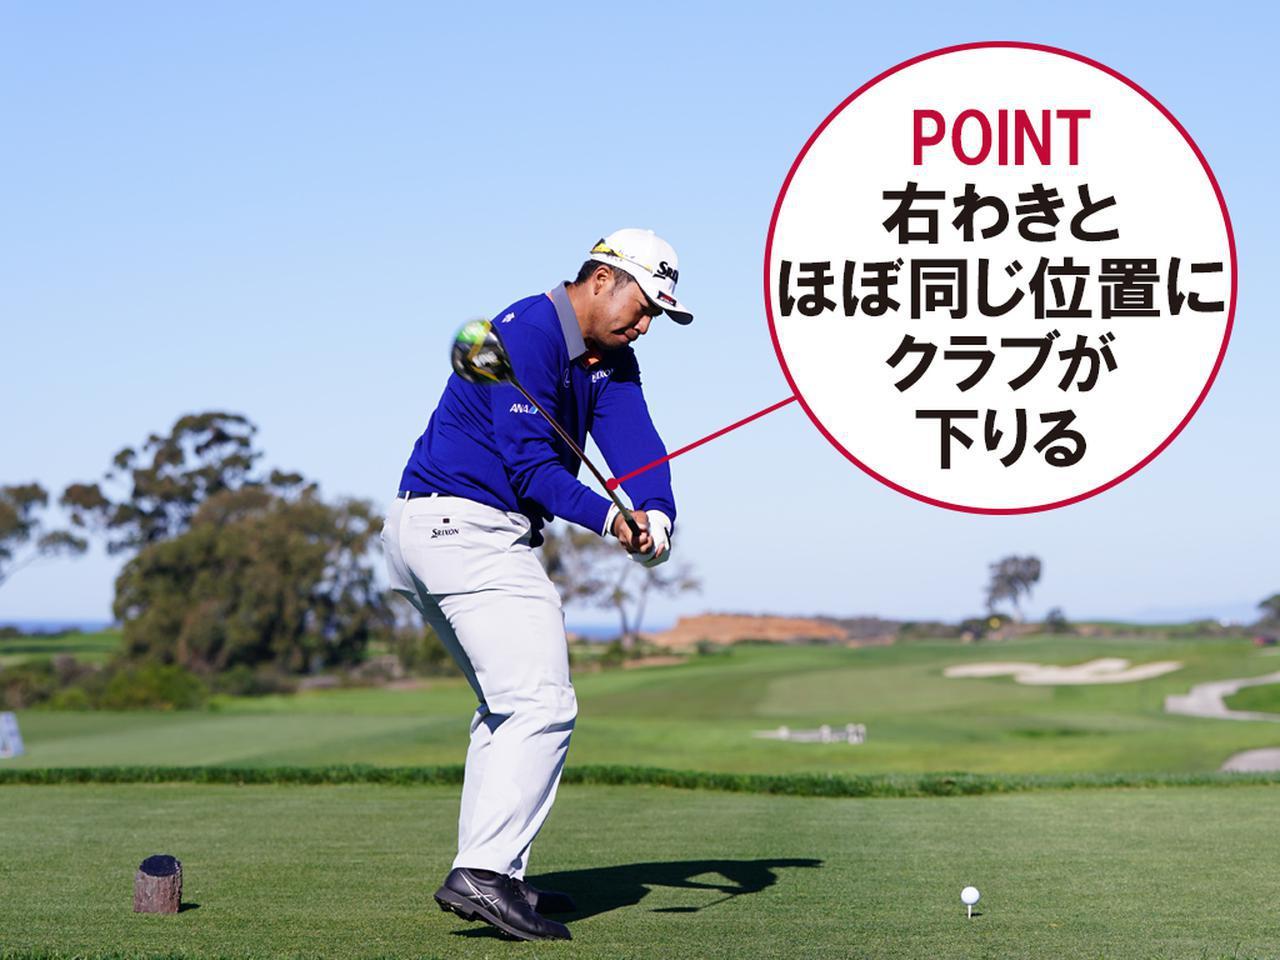 画像7: 【松山英樹】トップで止まらなくなった! 淀みなく超スムーズになった「切り返し動」スウィング解説